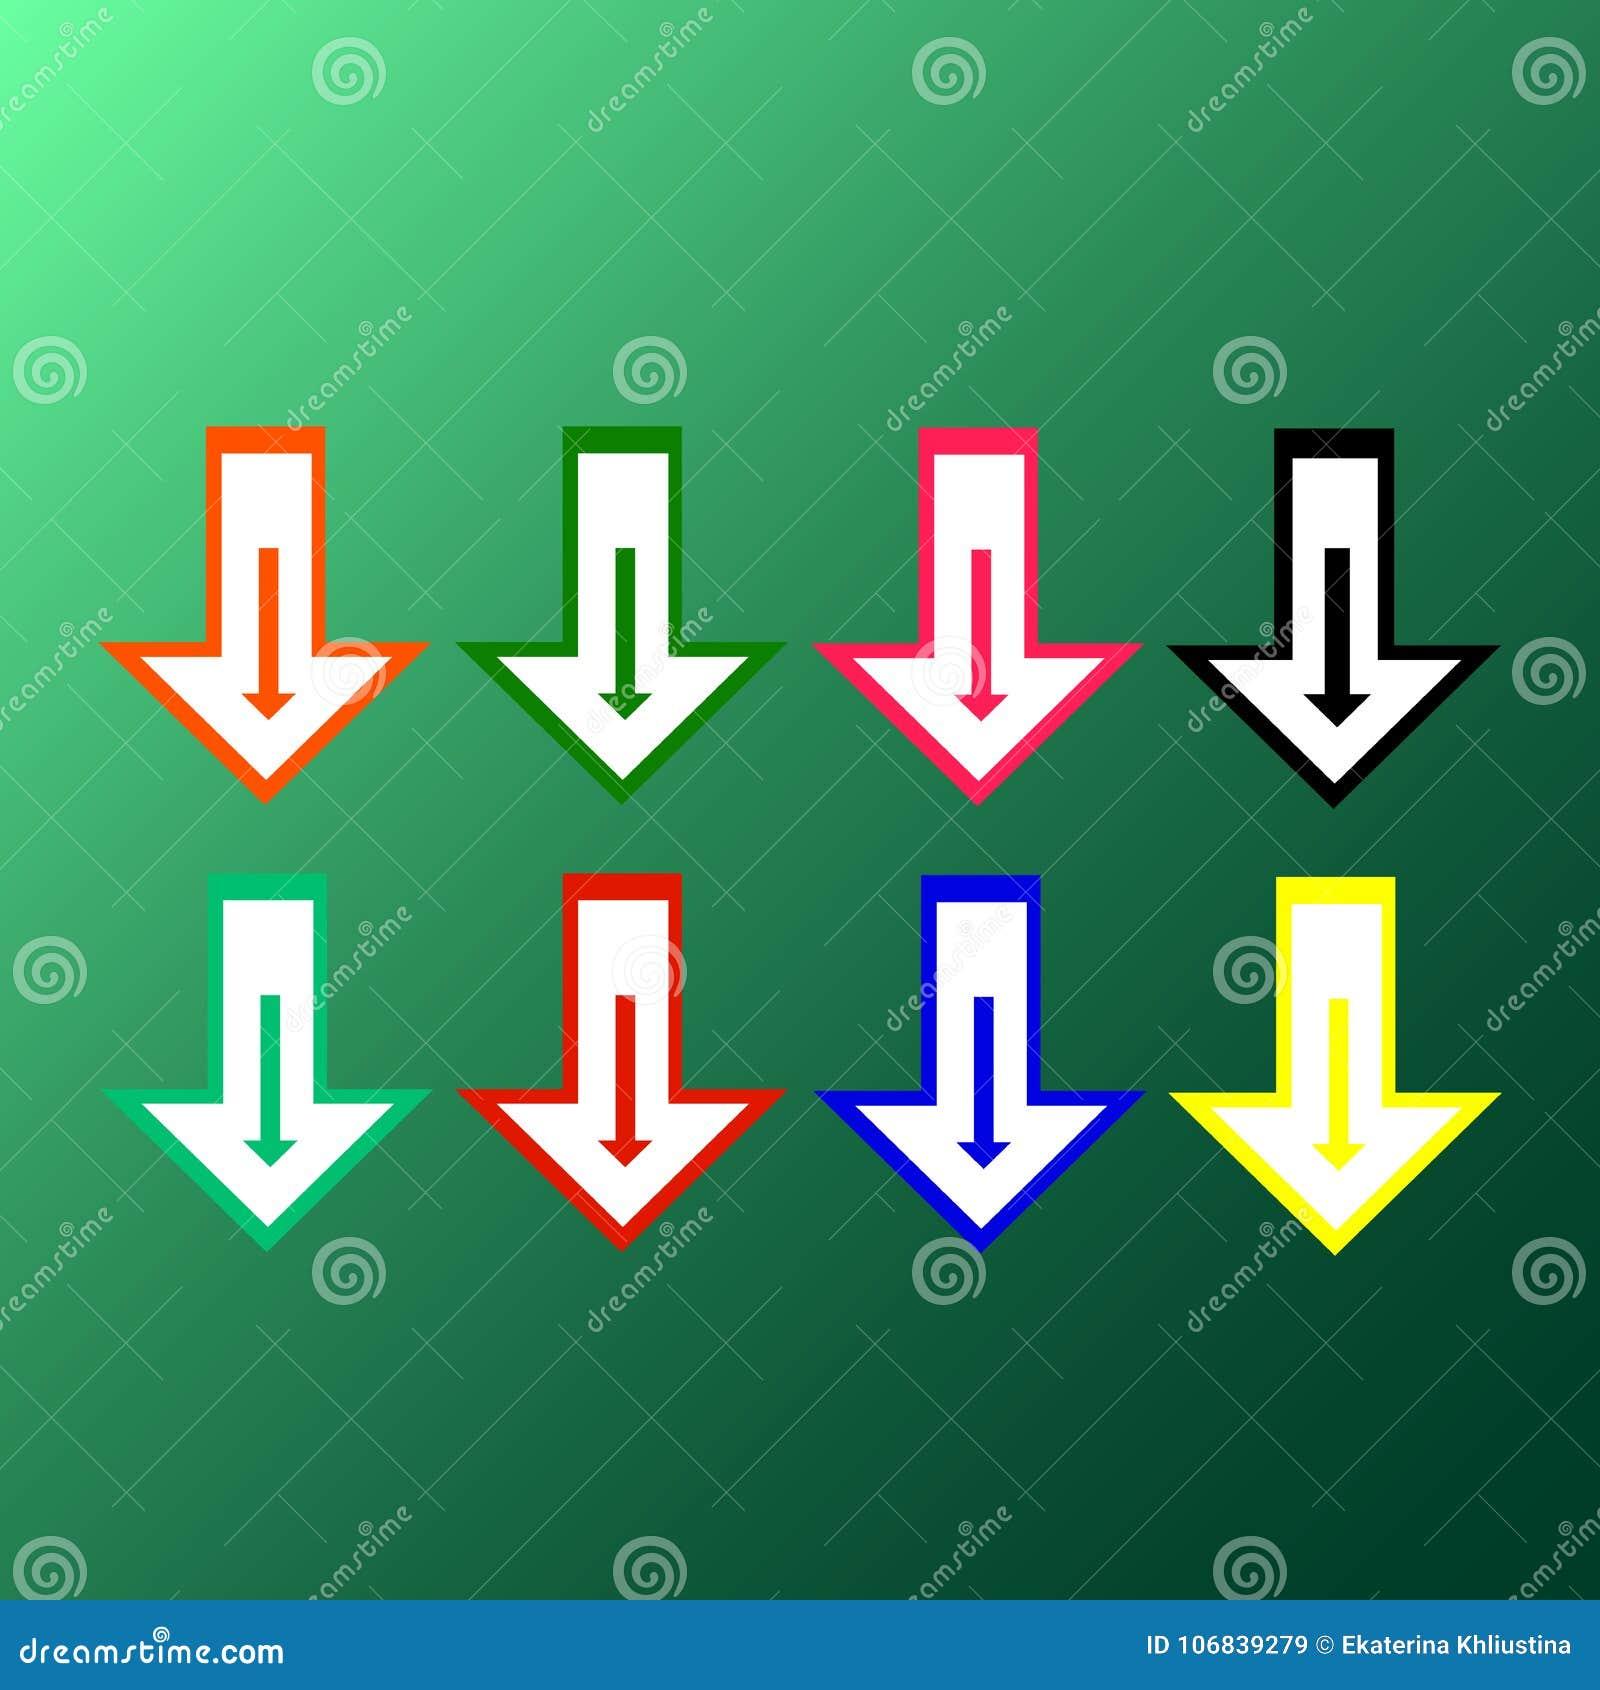 Vlakke vector: reeks van acht eenvoudige heldere multicolored pijlen op een groene achtergrond